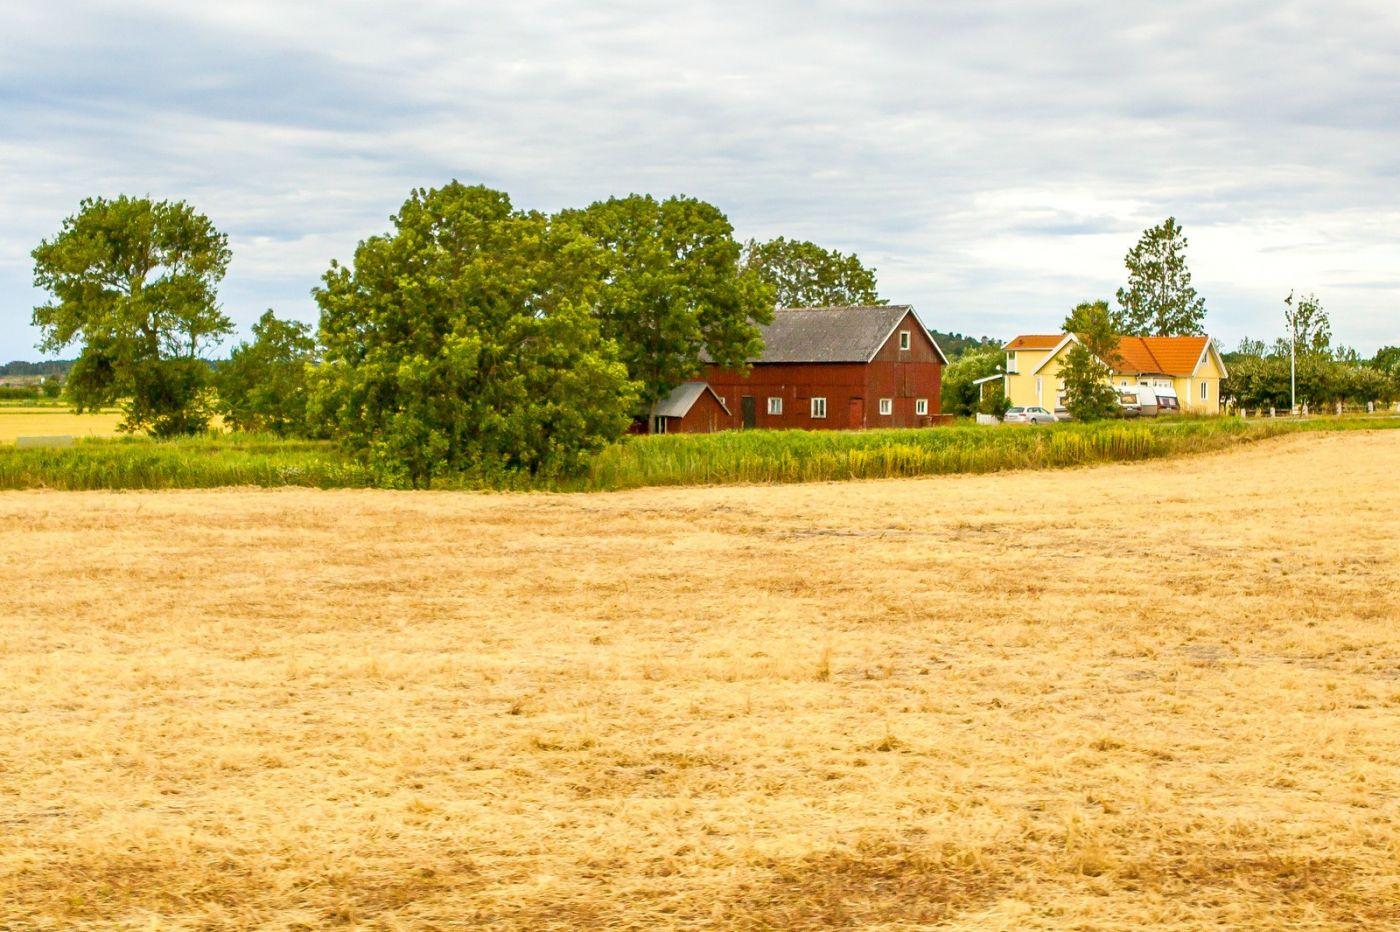 北欧旅途,农庄农舍多姿多彩_图1-30